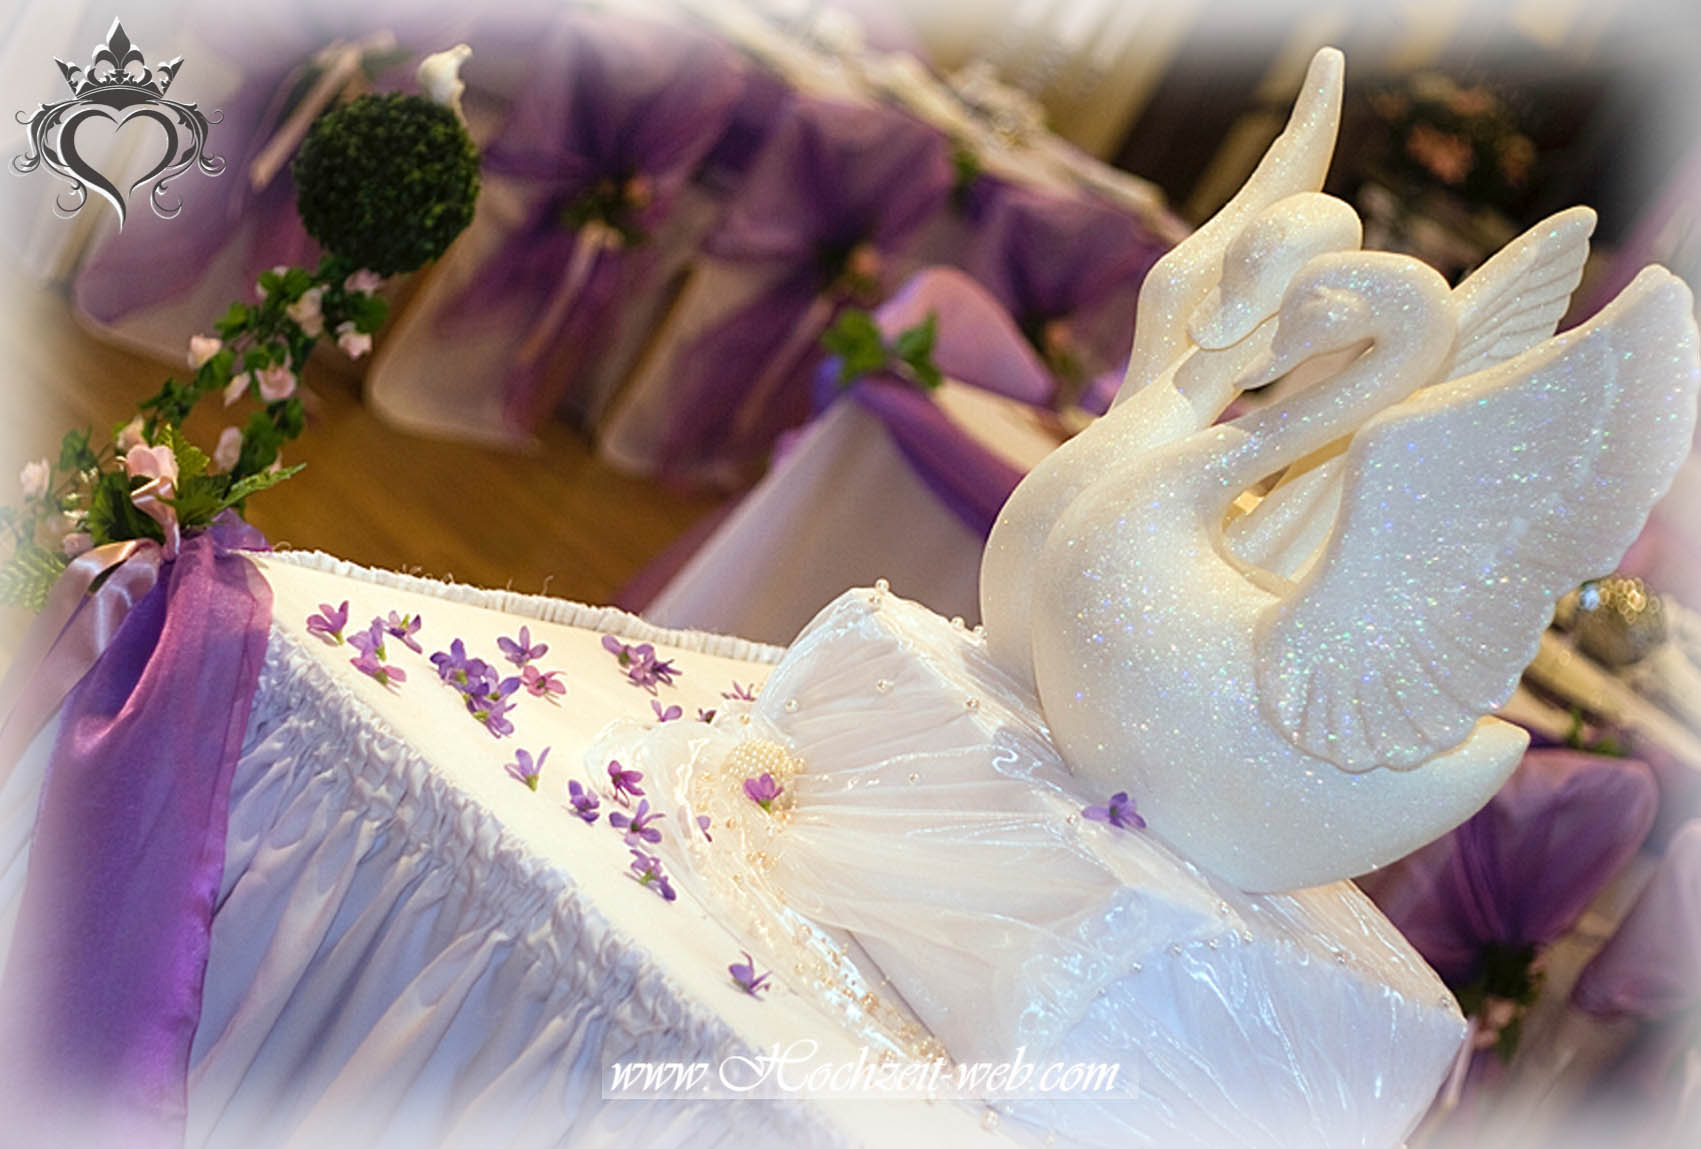 Hochzeit dekoration kassel